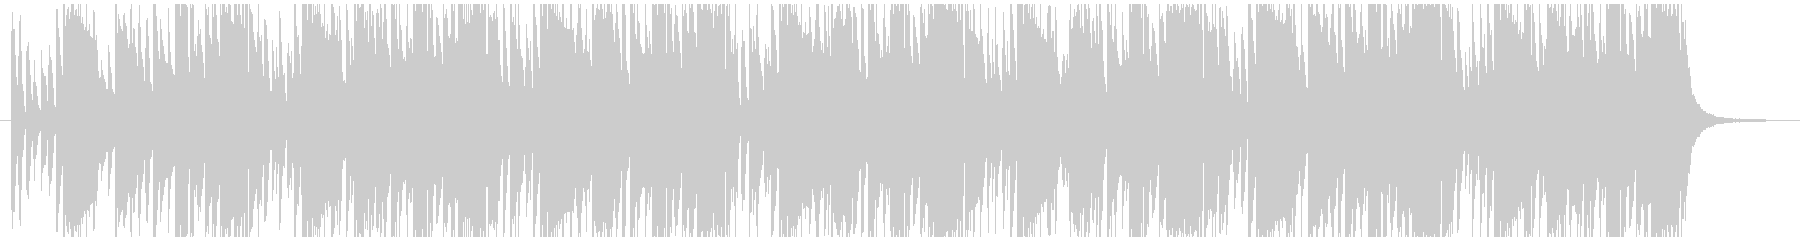 ピアノ主体のチルアウト、クール、R&Bの未再生の波形